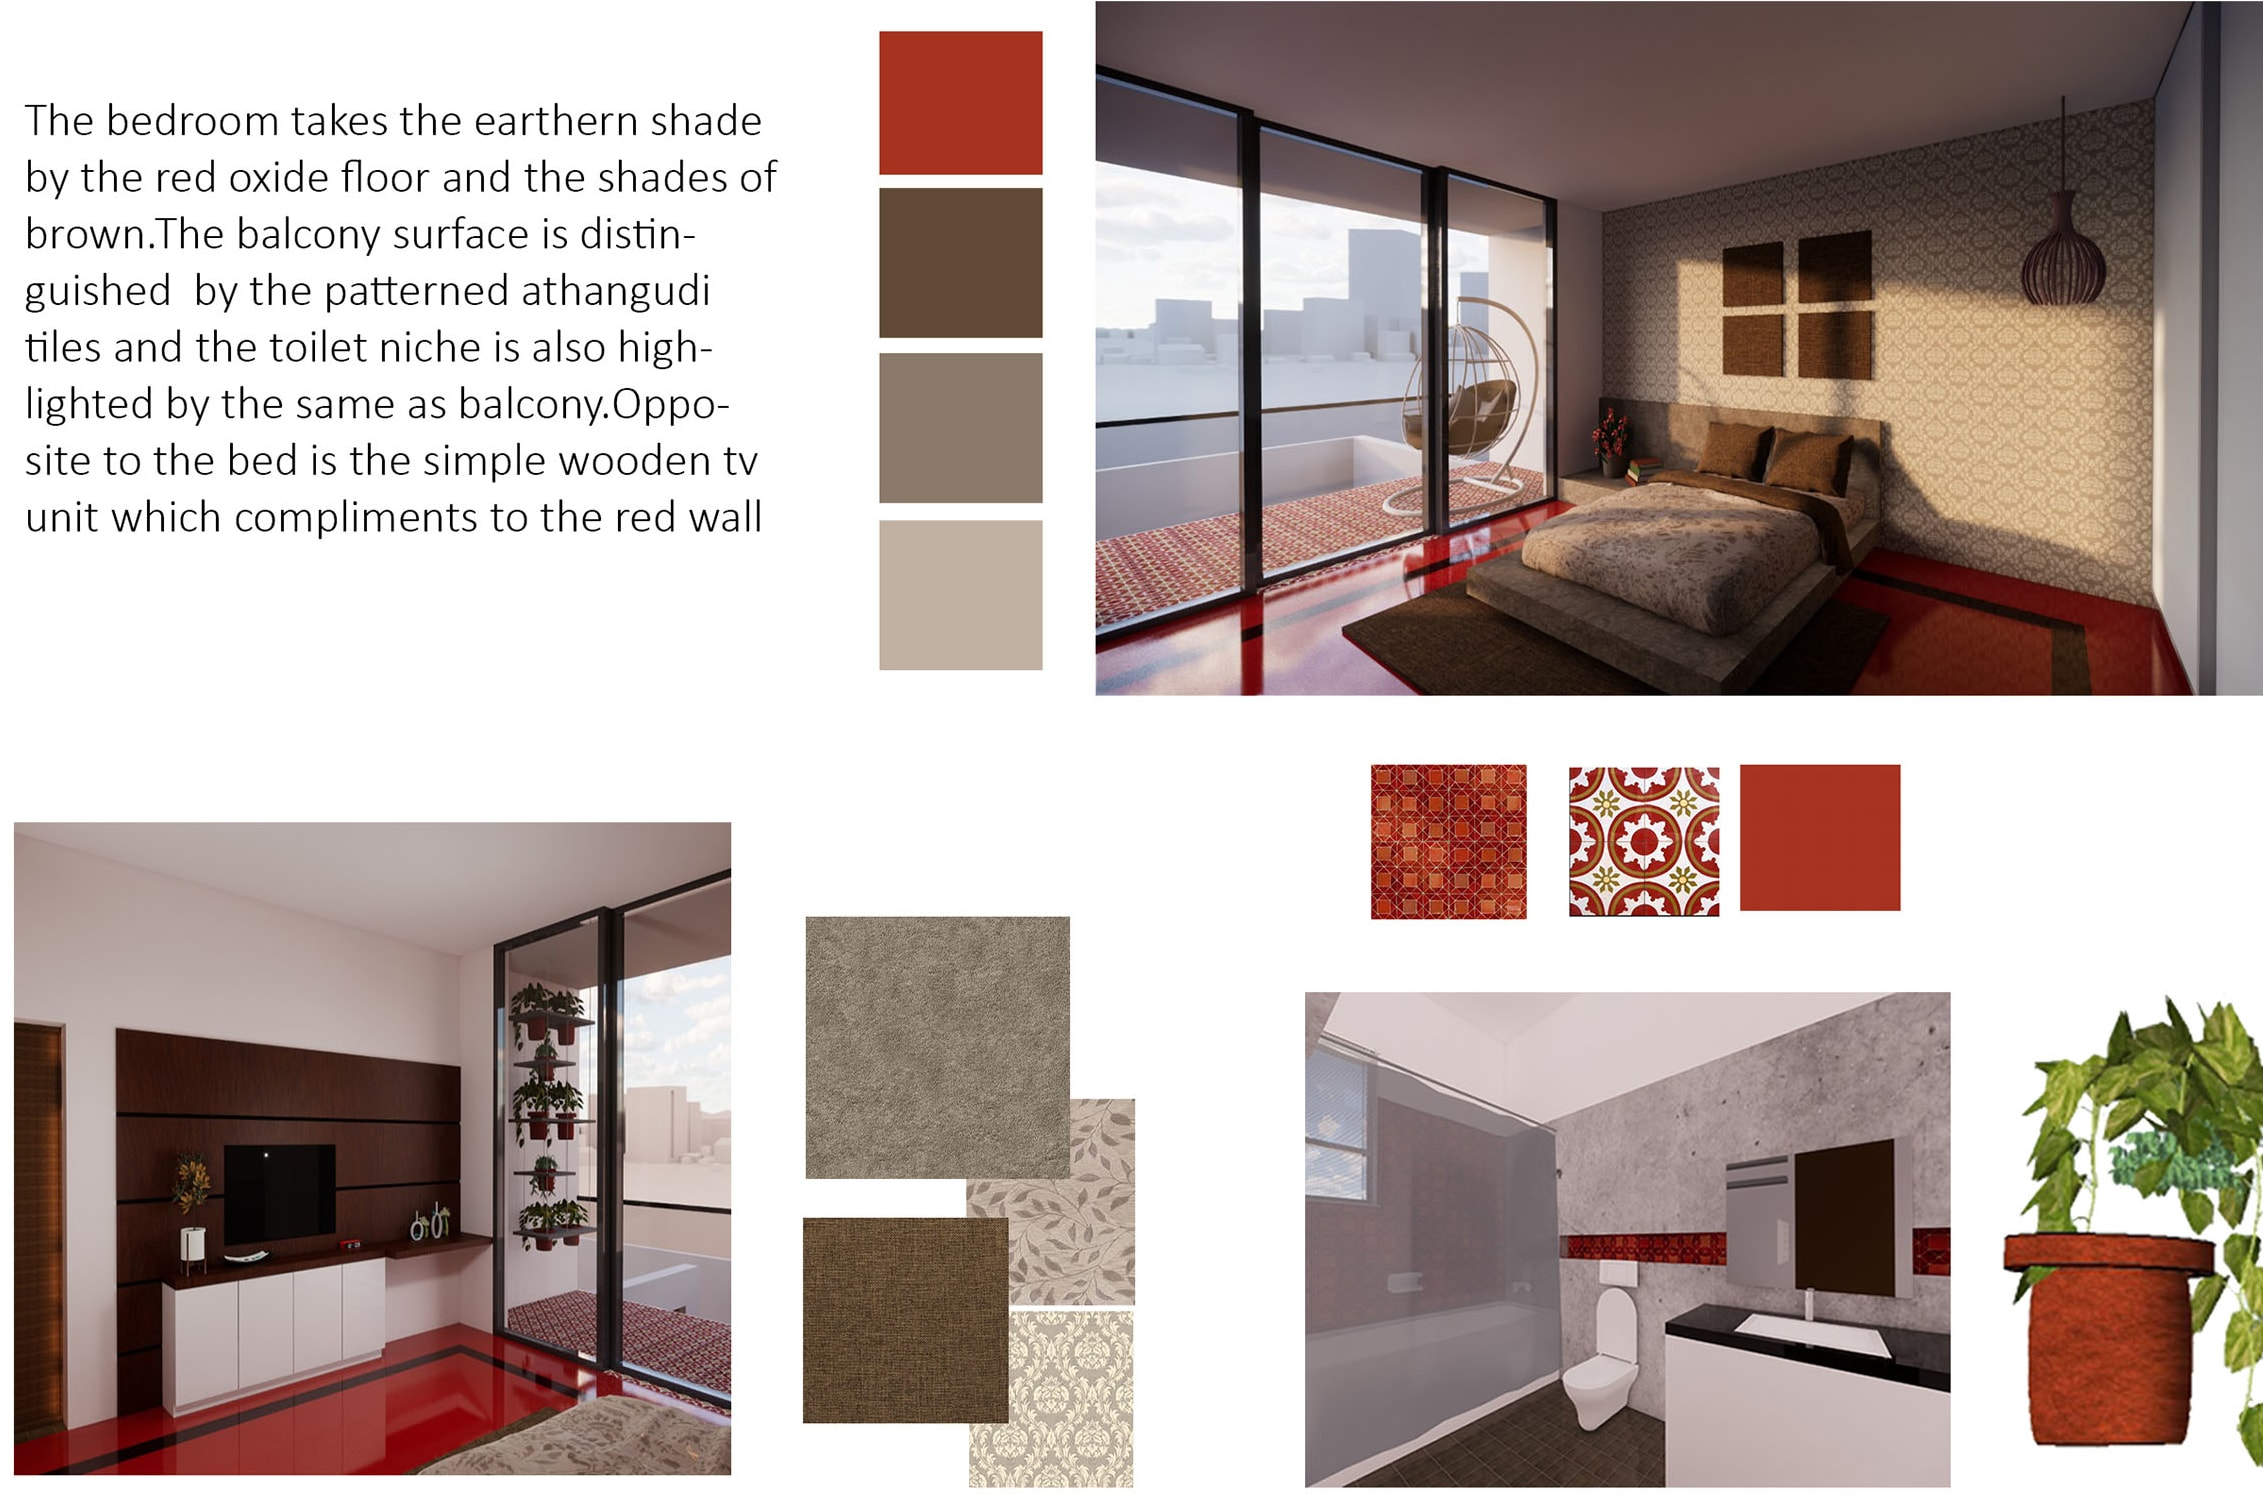 Portfolio for Architectural Design,Interior Designing